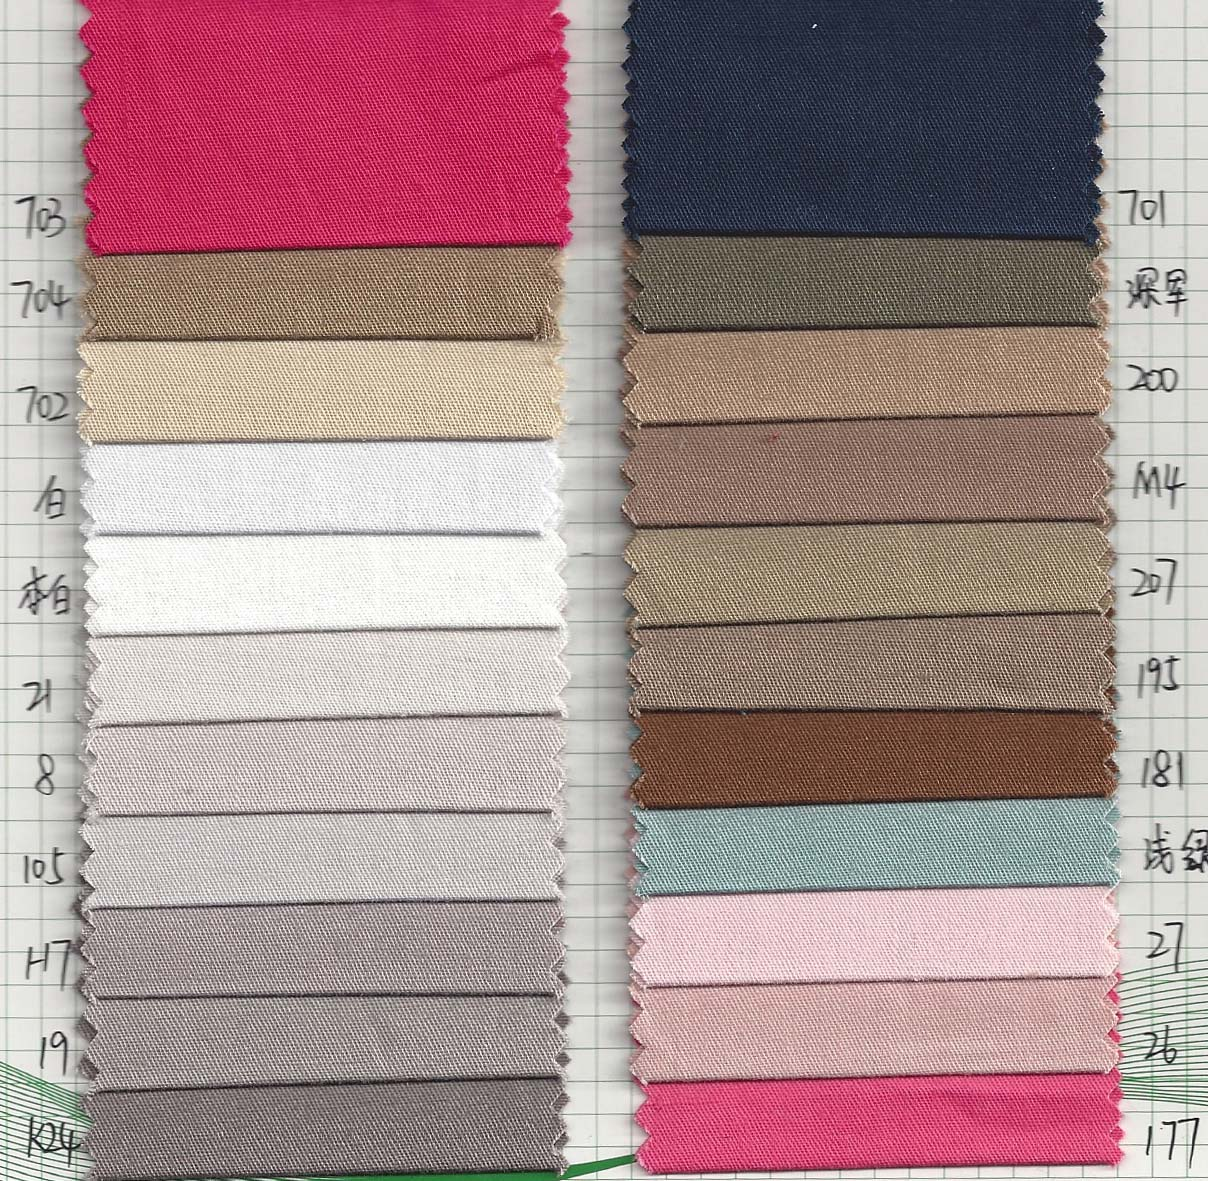 Textile Da Yuan YX7201.jpg